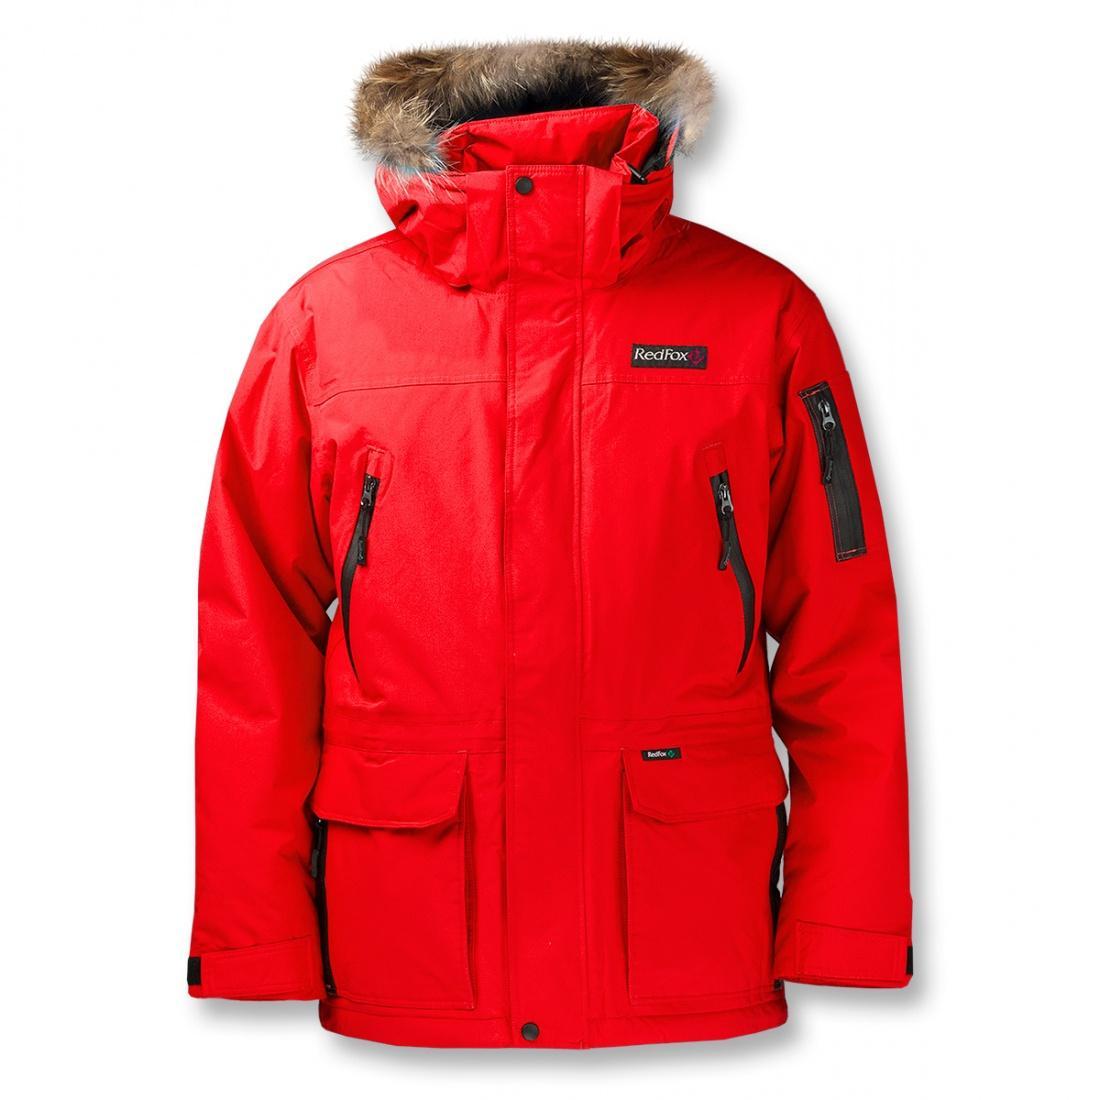 Куртка утепленная Valley II МужскаяКуртки<br>Универсальная утепленная куртка для мужчин.  <br> <br><br><br>Серия Life Style/ утепленная одежда<br>Материал: Dry Factor 10000<br>Утеплитель:...<br><br>Цвет: Красный<br>Размер: 46